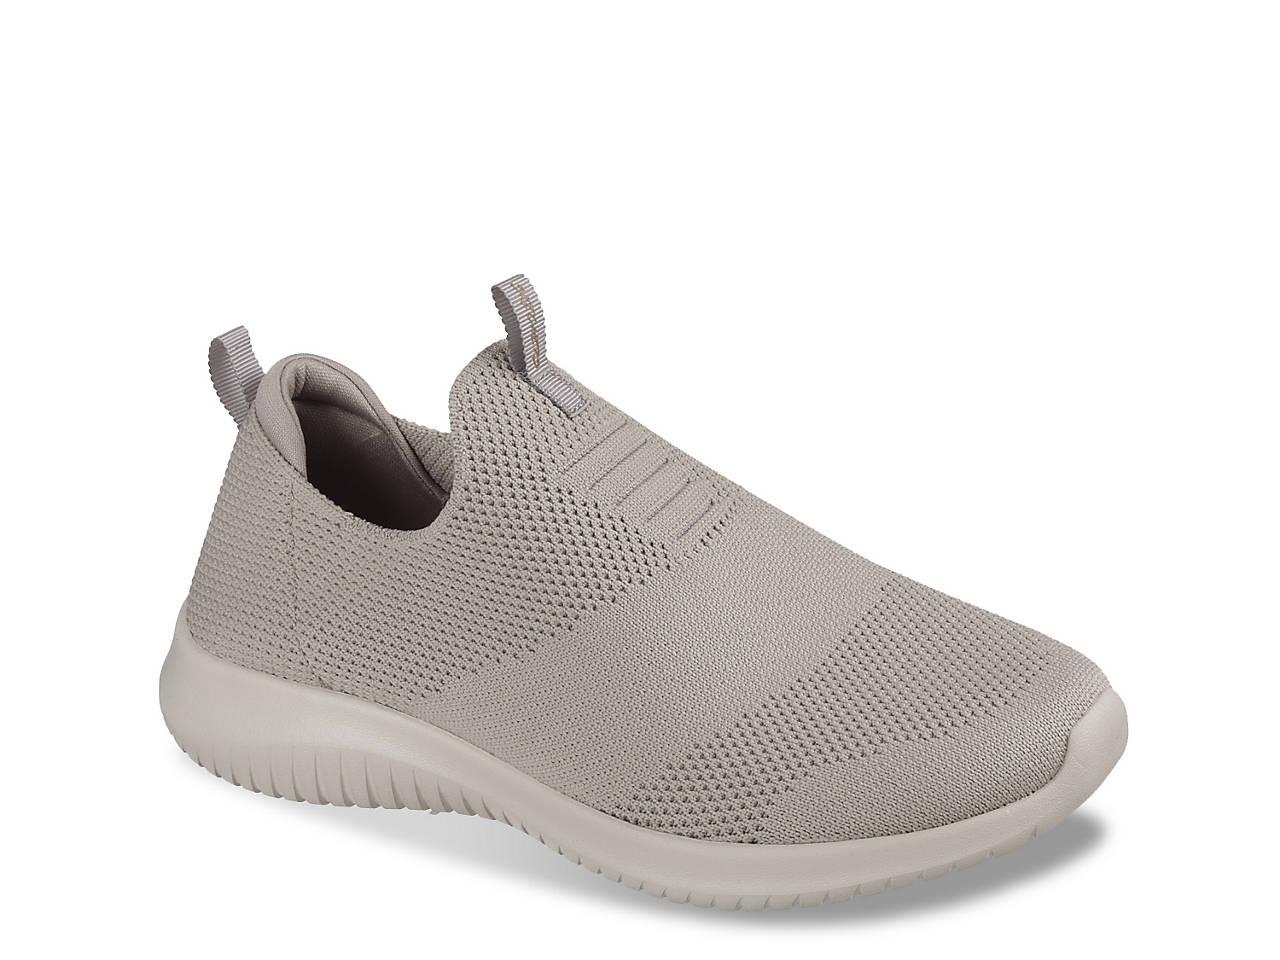 Skechers Ultra Flex First Take Slip-On Sneaker - Women s Women s ... f1e254cc3a